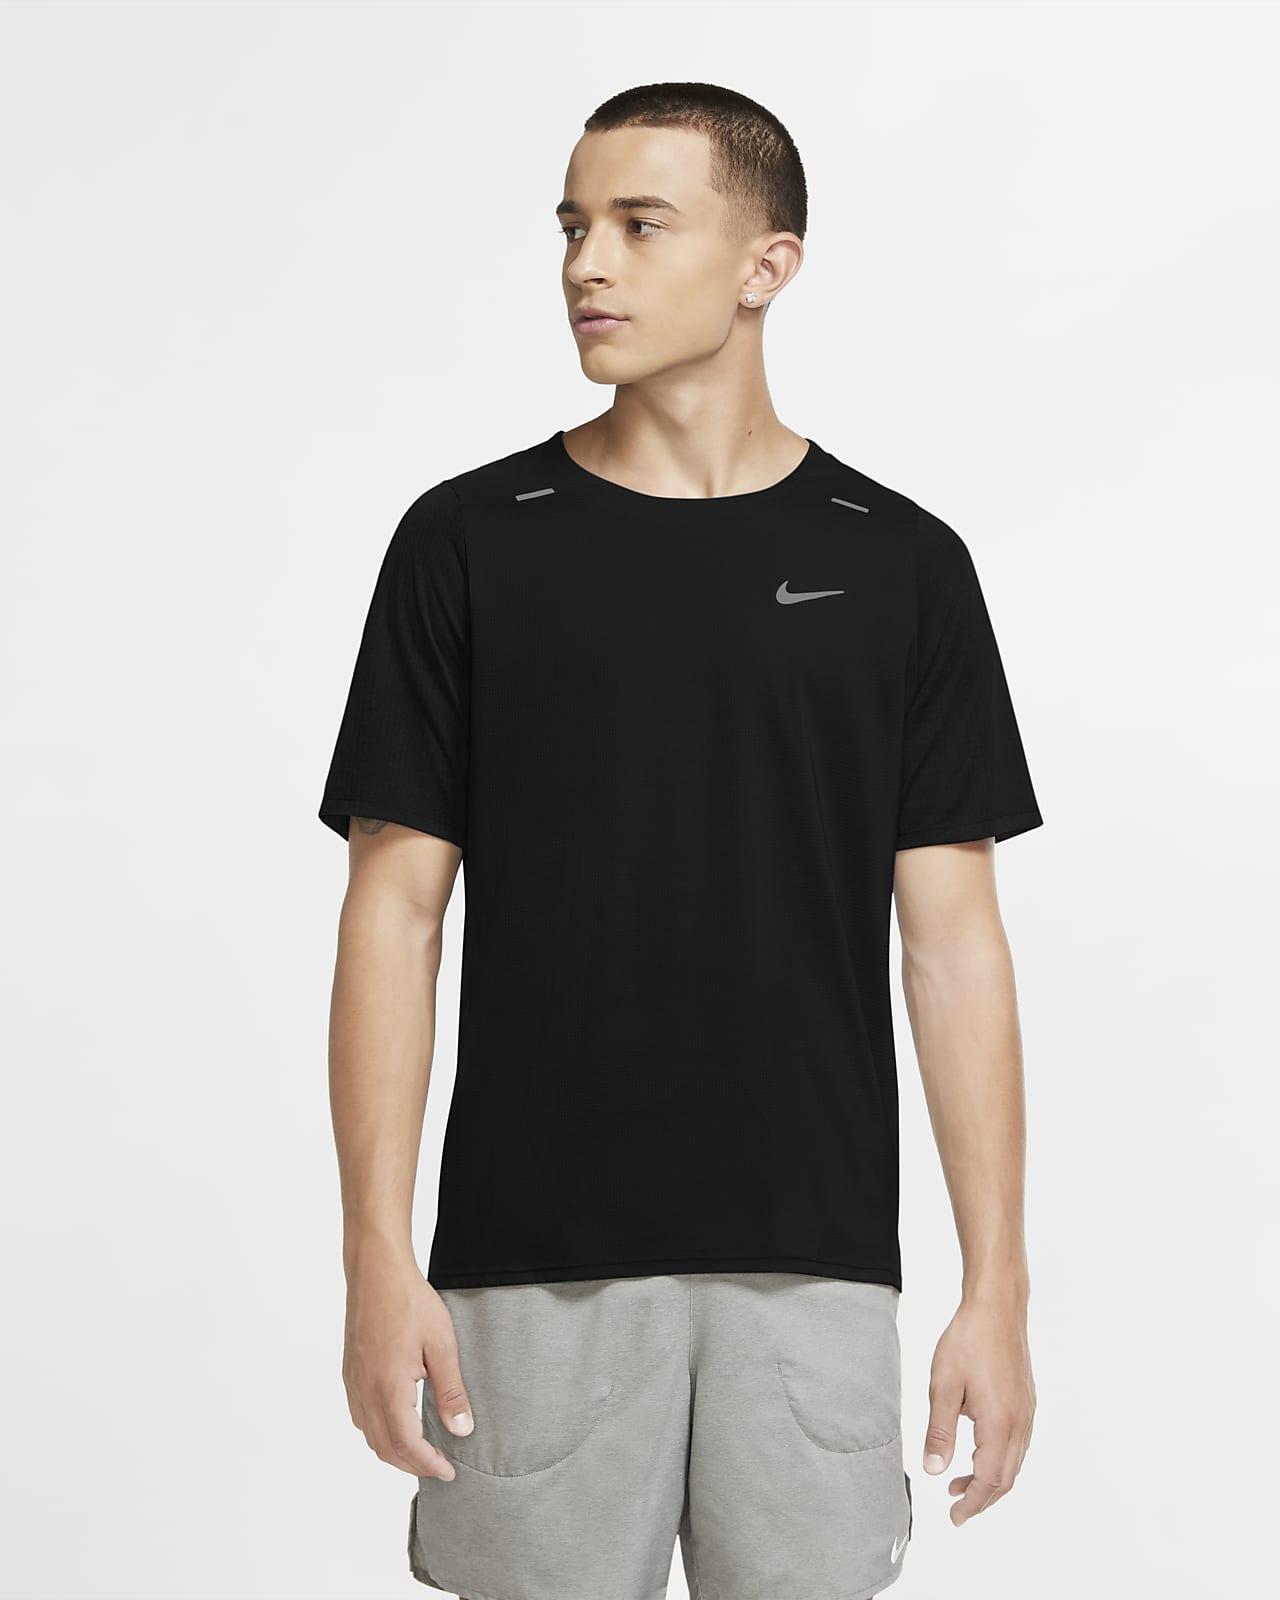 Löpartröja Nike Breathe Rise 365 för män